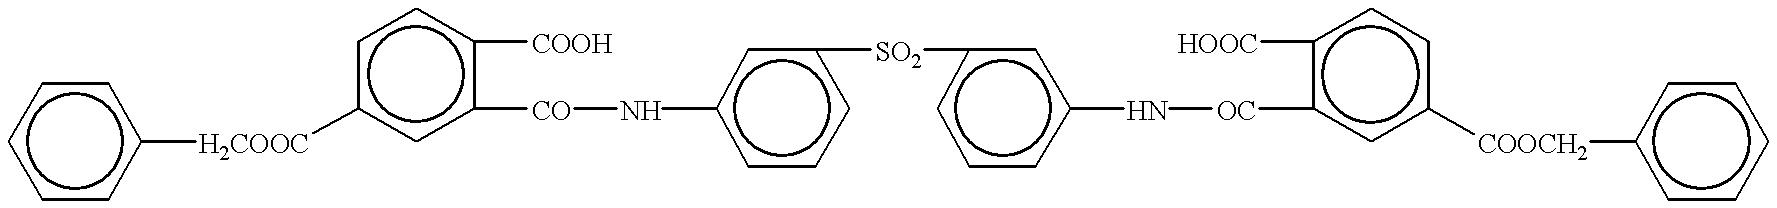 Figure US06180560-20010130-C00157